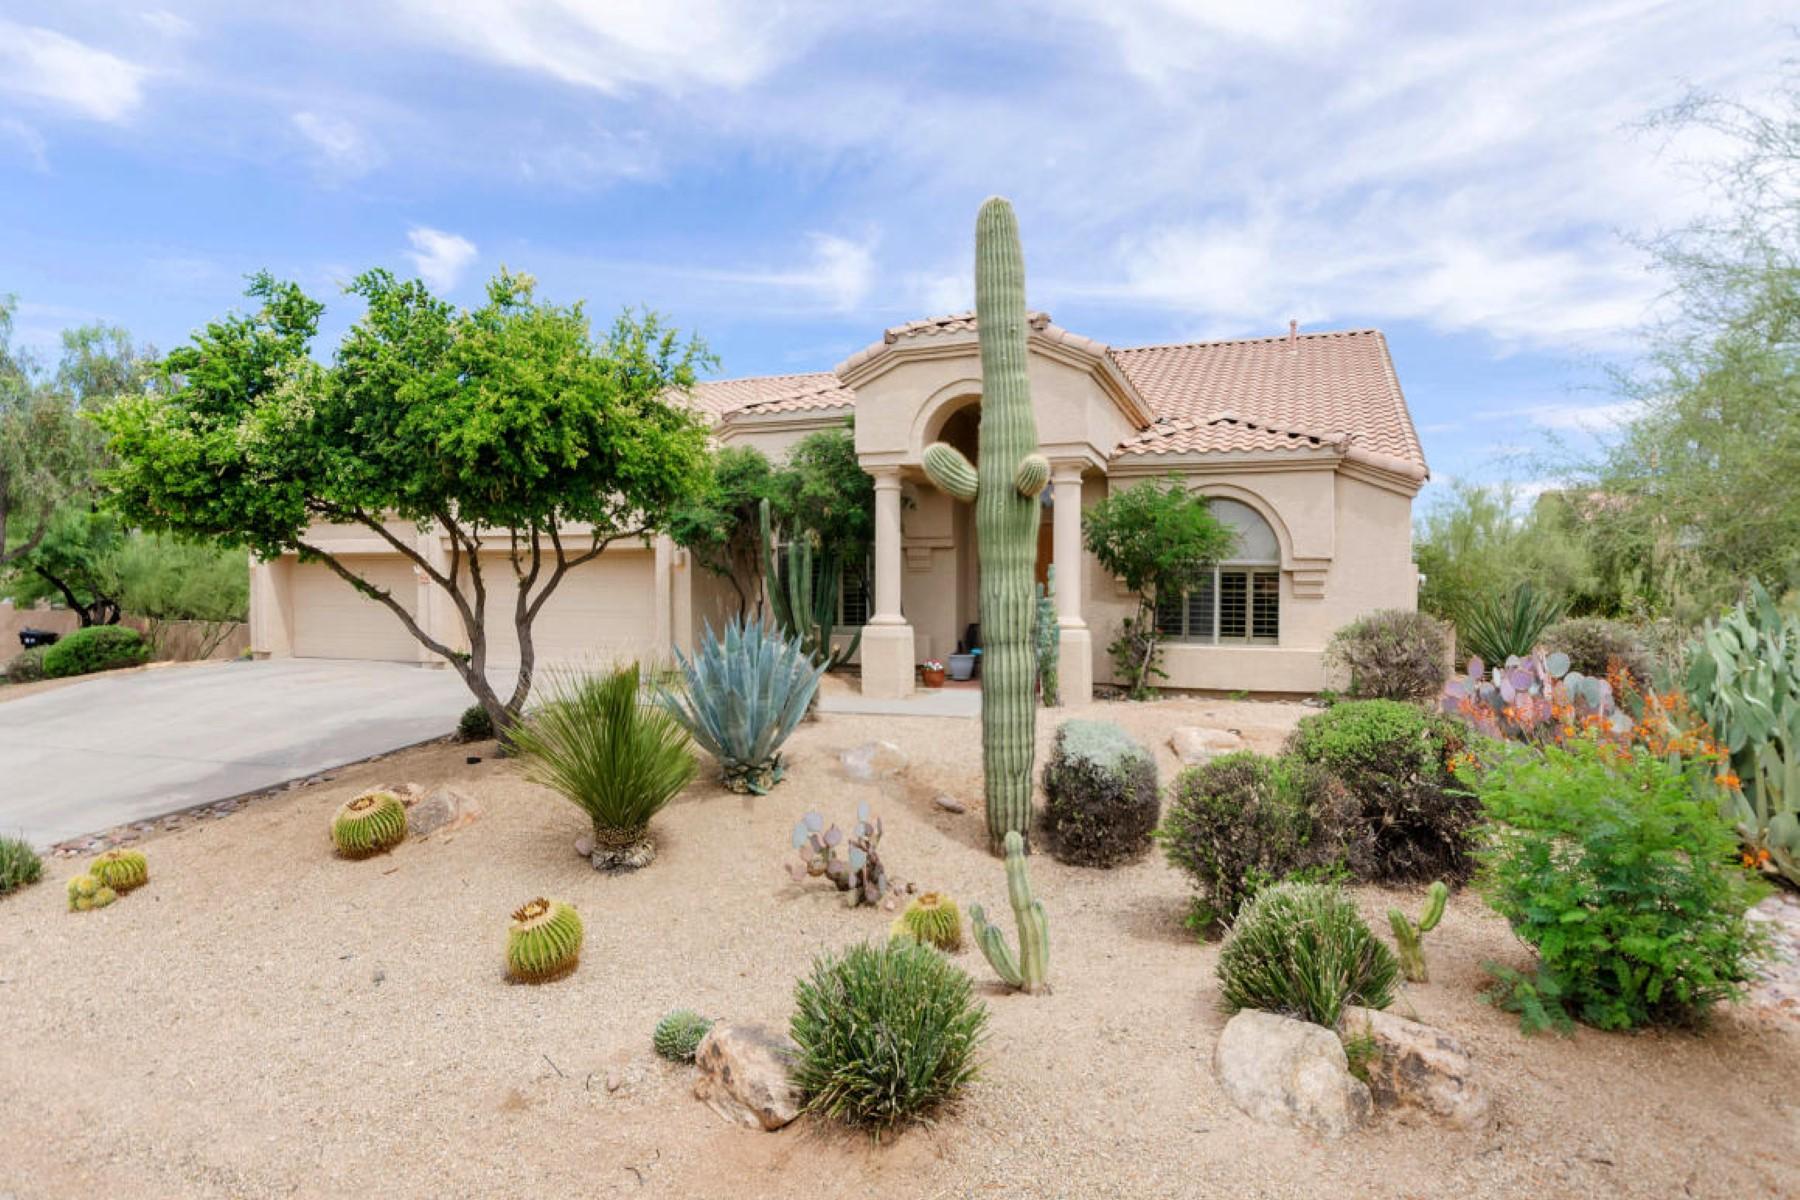 Nhà ở một gia đình vì Bán tại Unbeatable value for this immaculate North Scottsdale home. 6730 E Duane Ln Scottsdale, Arizona 85266 Hoa Kỳ